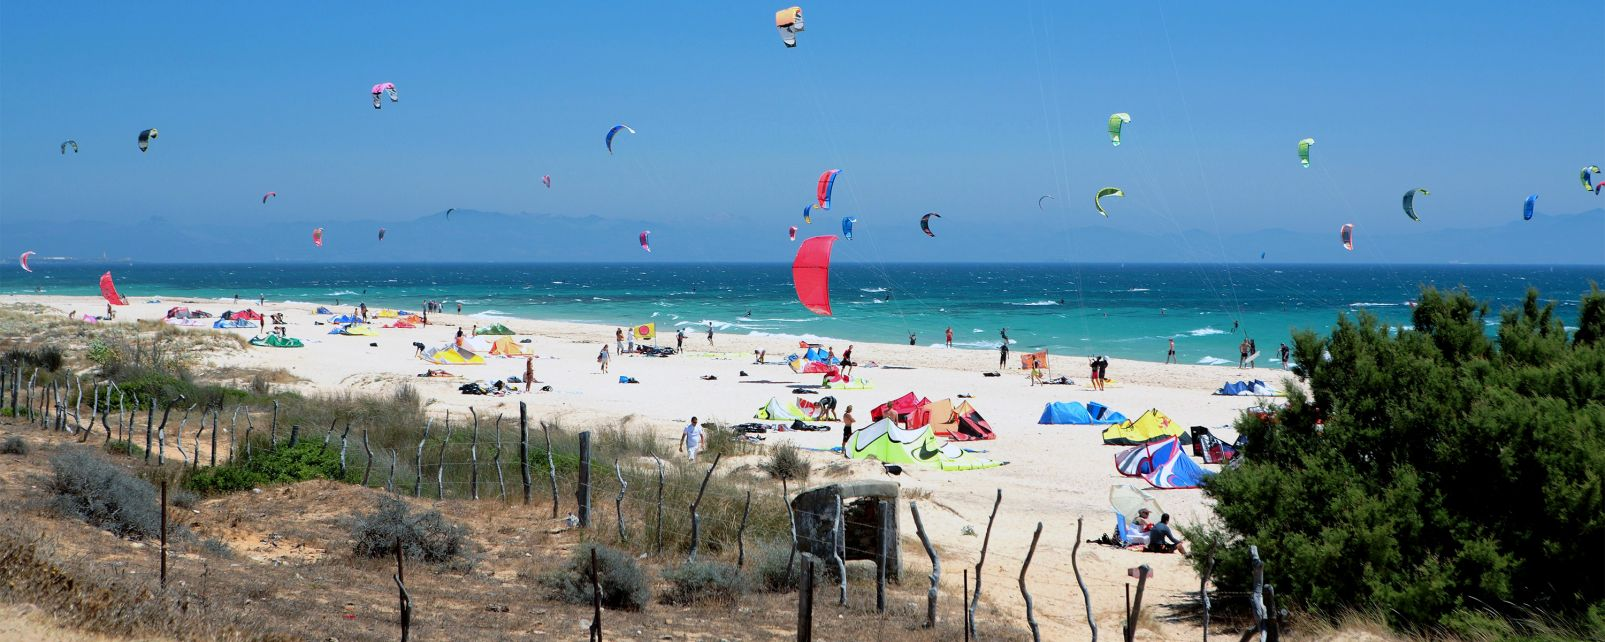 Costa de la Luz, Costa de la Luz- Cadiz y Huelva, Coasts, Andalusia